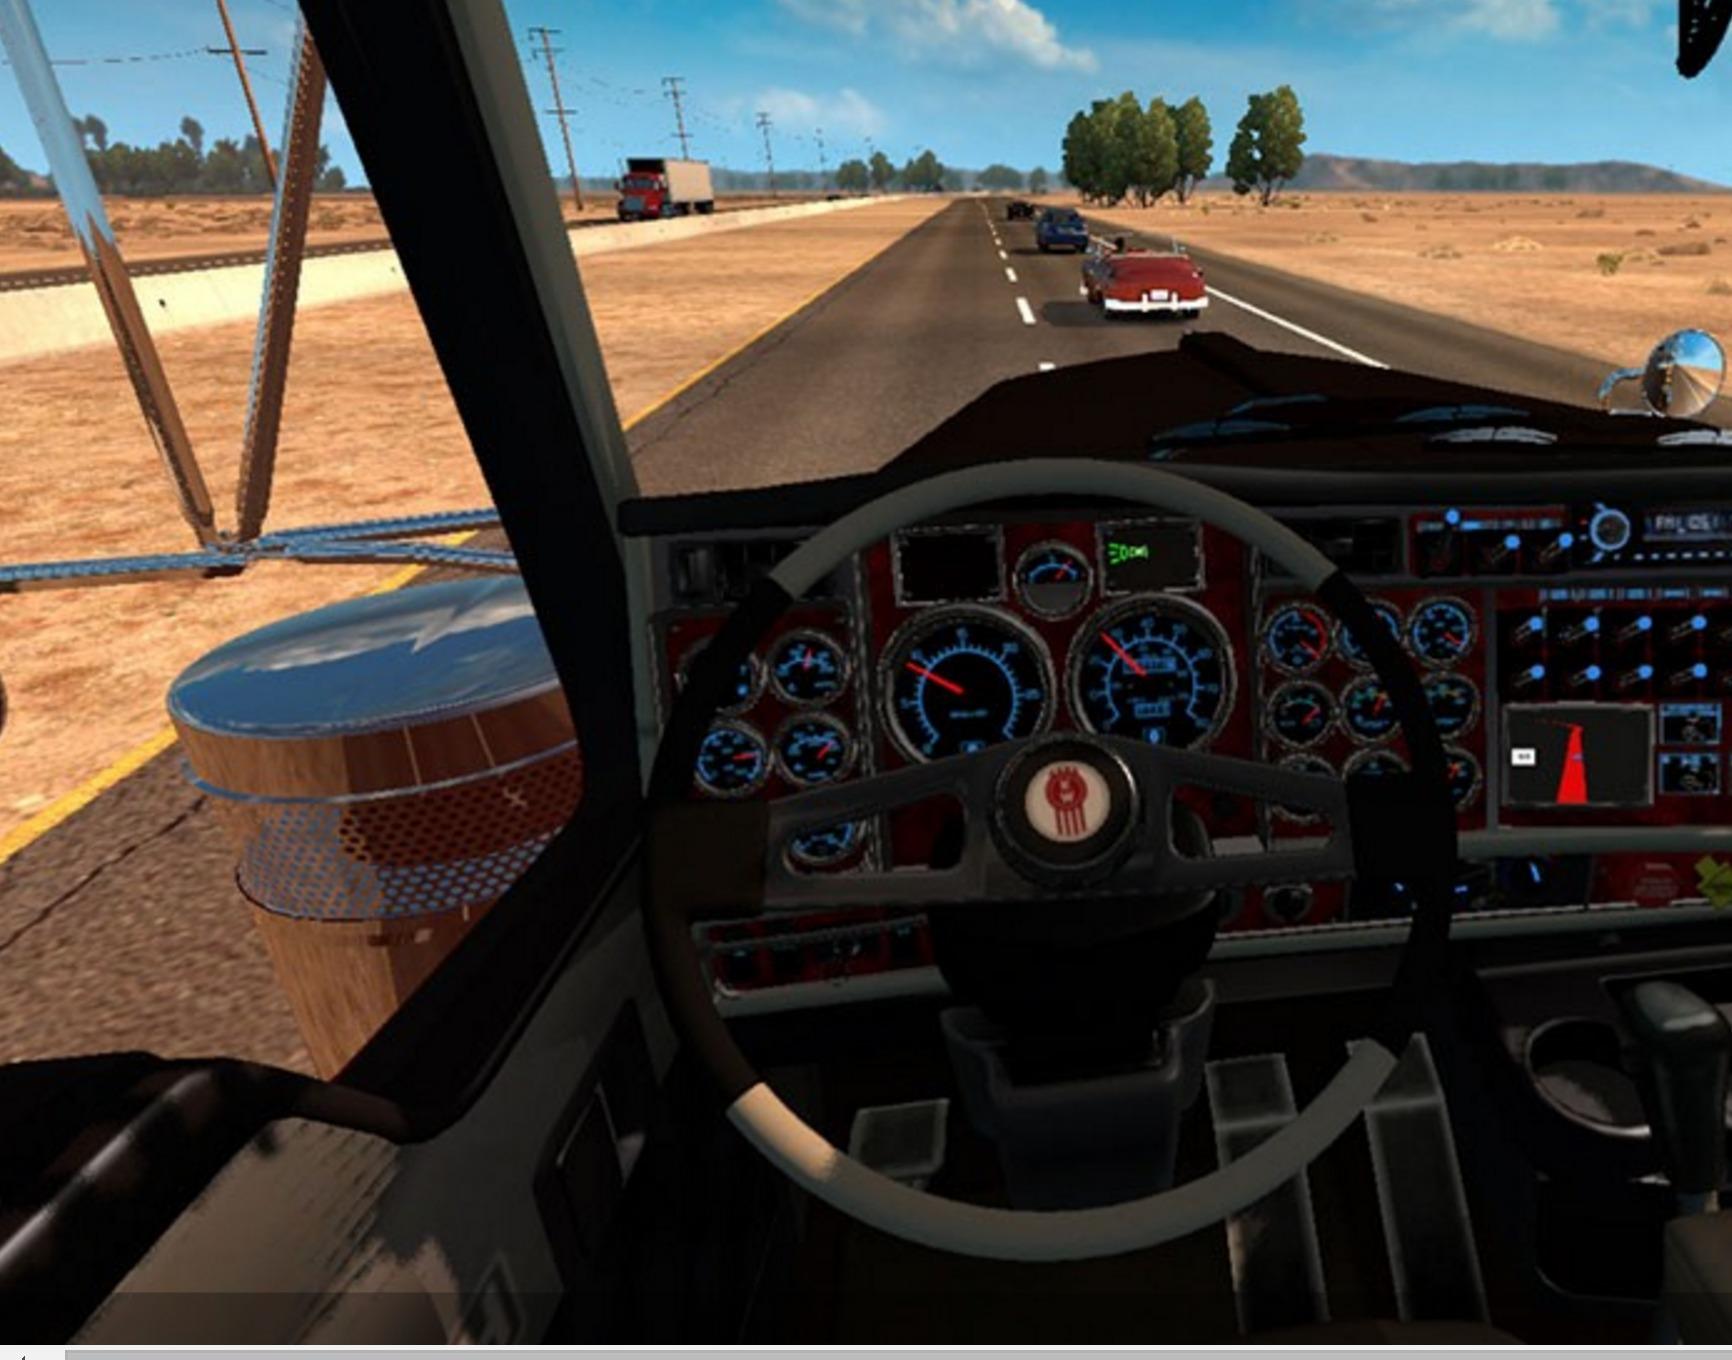 Euro truck simulator 2 o comeccedilo 1 - 4 5